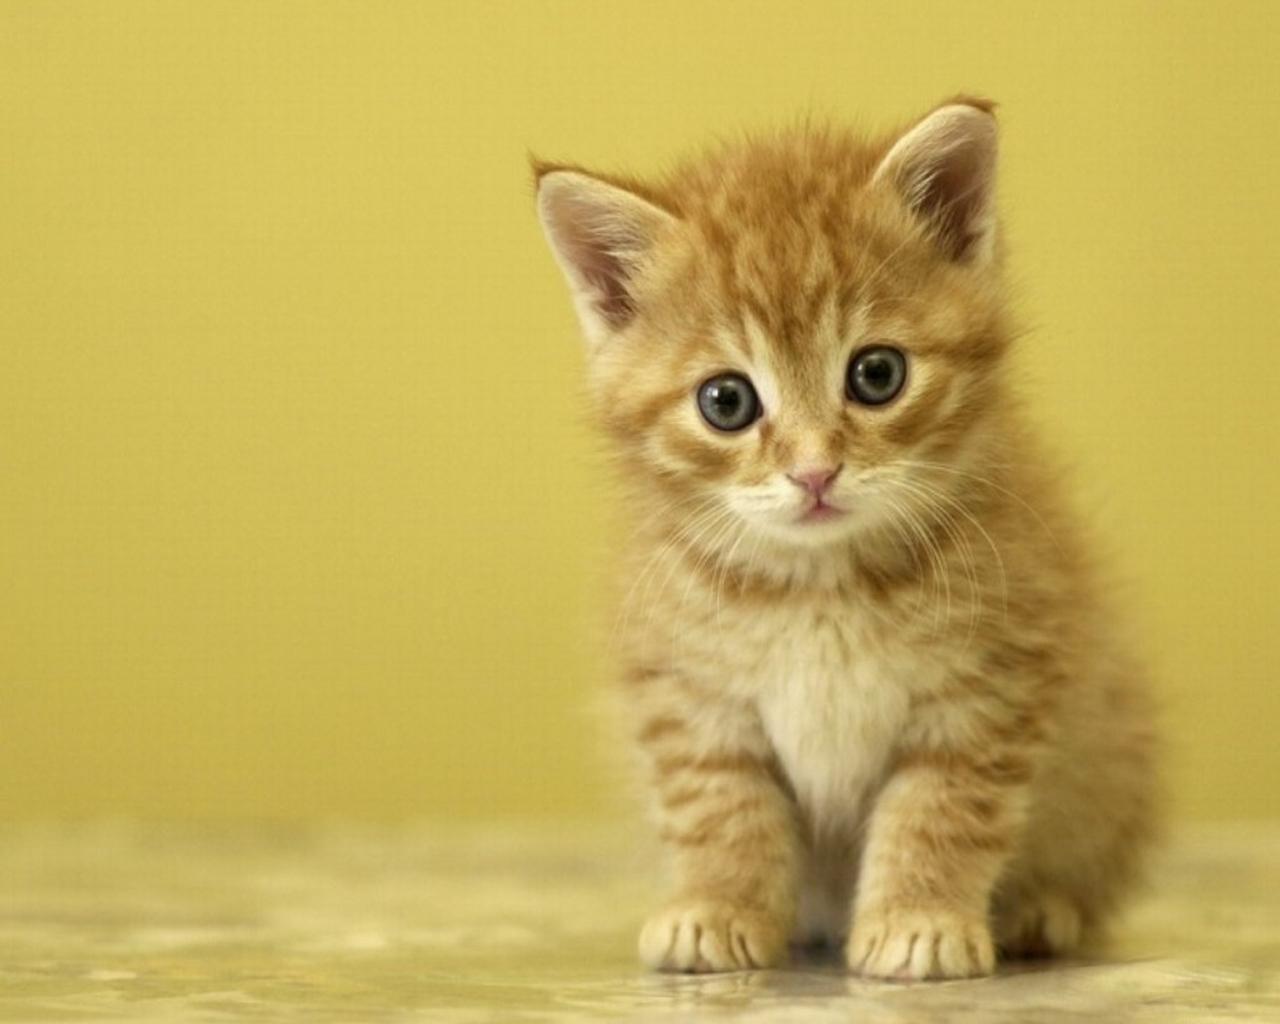 Toi de d couvrir mon petit chat po me par maurice car me - Image de petit chat ...